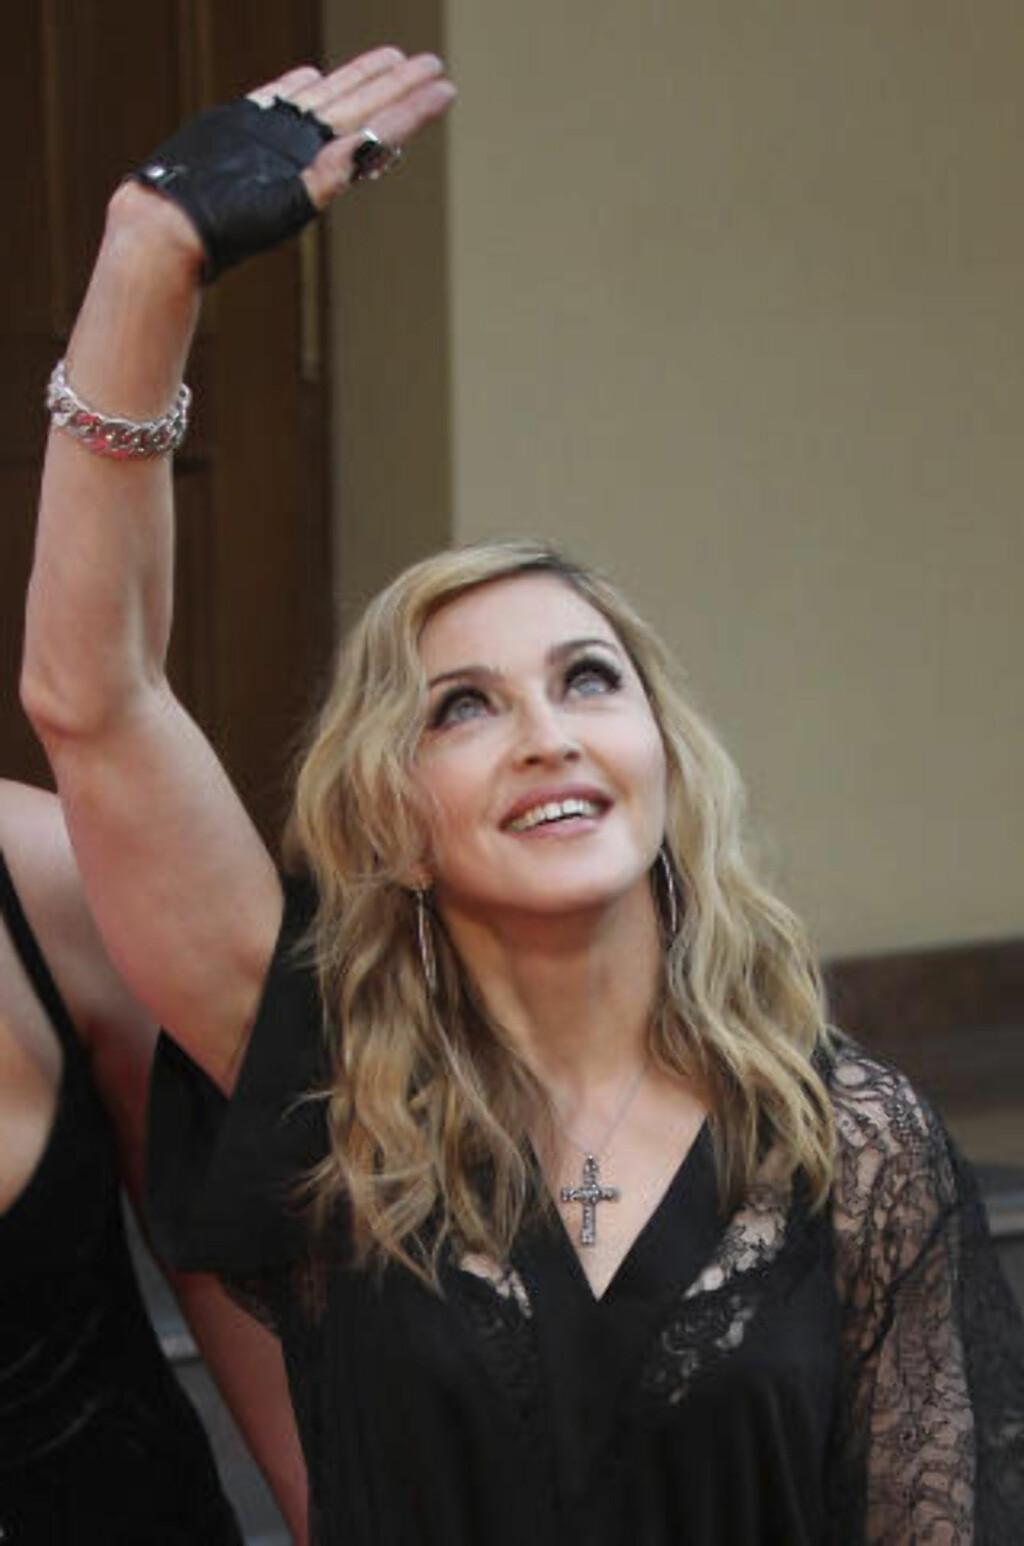 DRAR EN PATTI SMITH?: Det spekuleres i om Madonna vil støtte Pussy Riot under konserten sin i Moskva i morgen. Foto: MIKHAIL METZEL / AP PHOTO / NTB SCANPIX